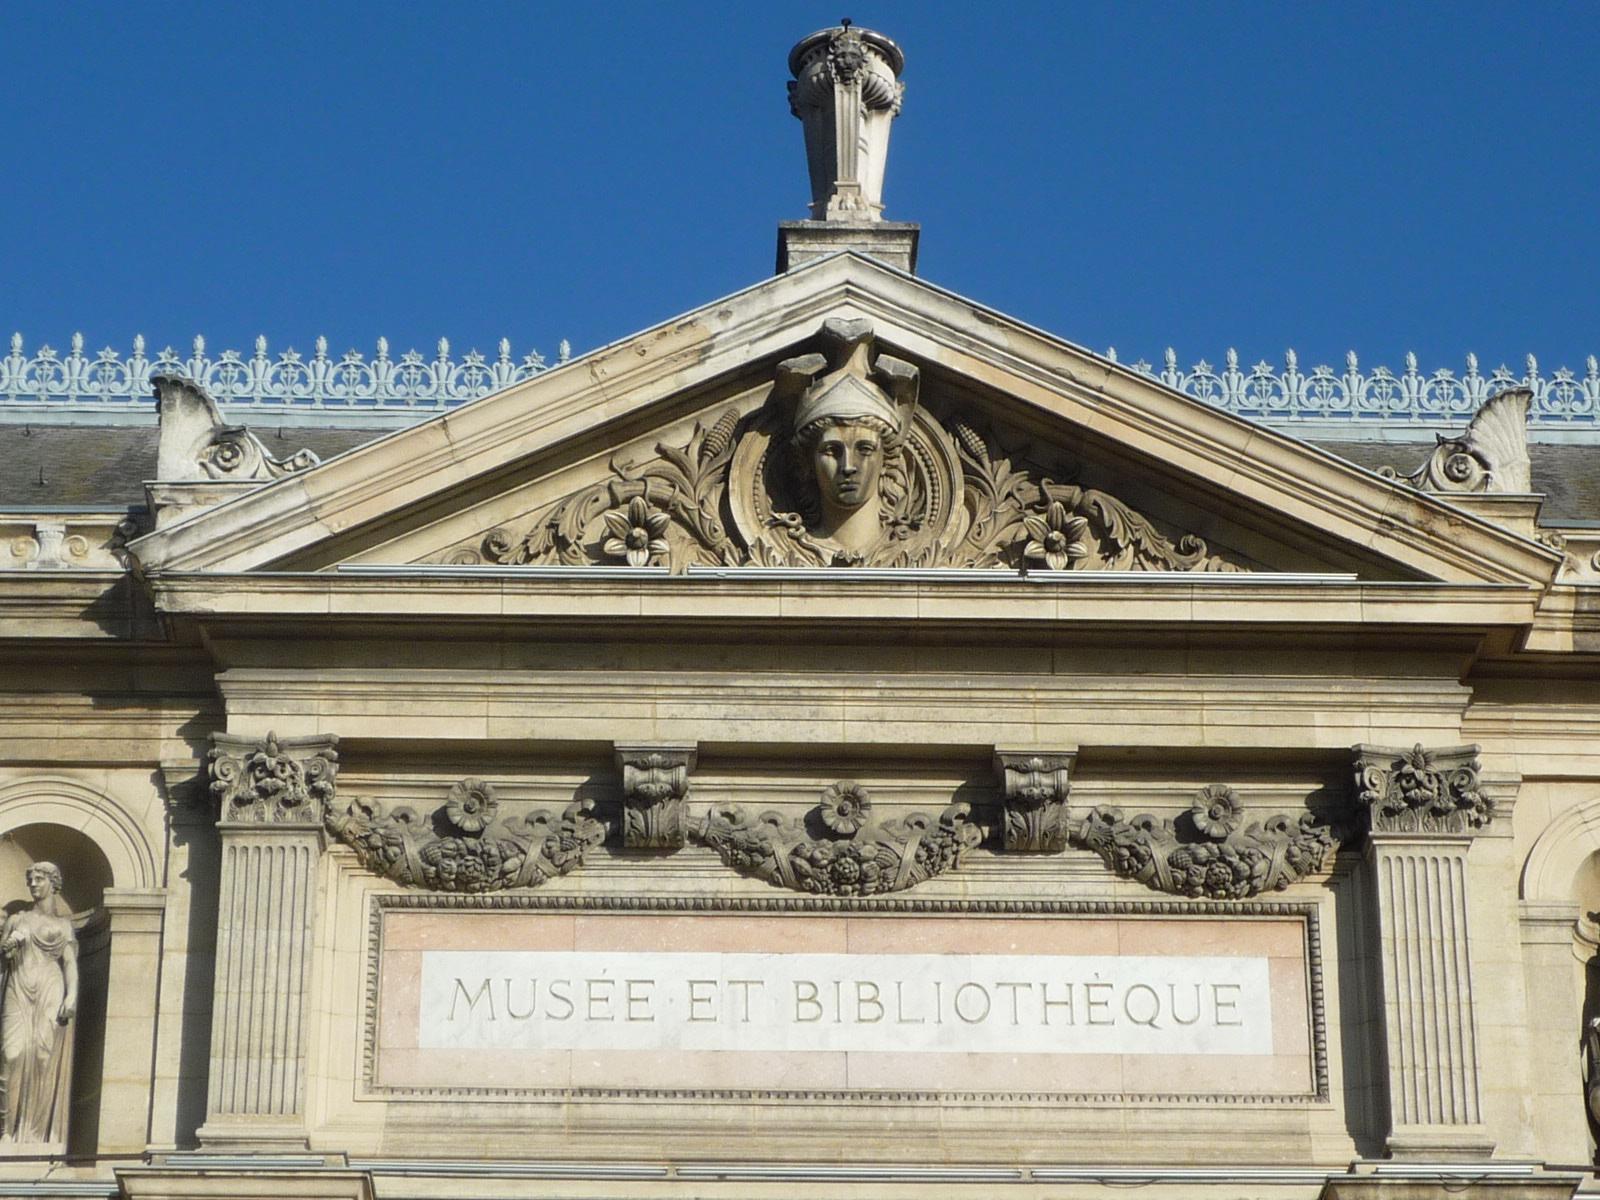 Ville De Paris Emploi Biblioth Ef Bf Bdque